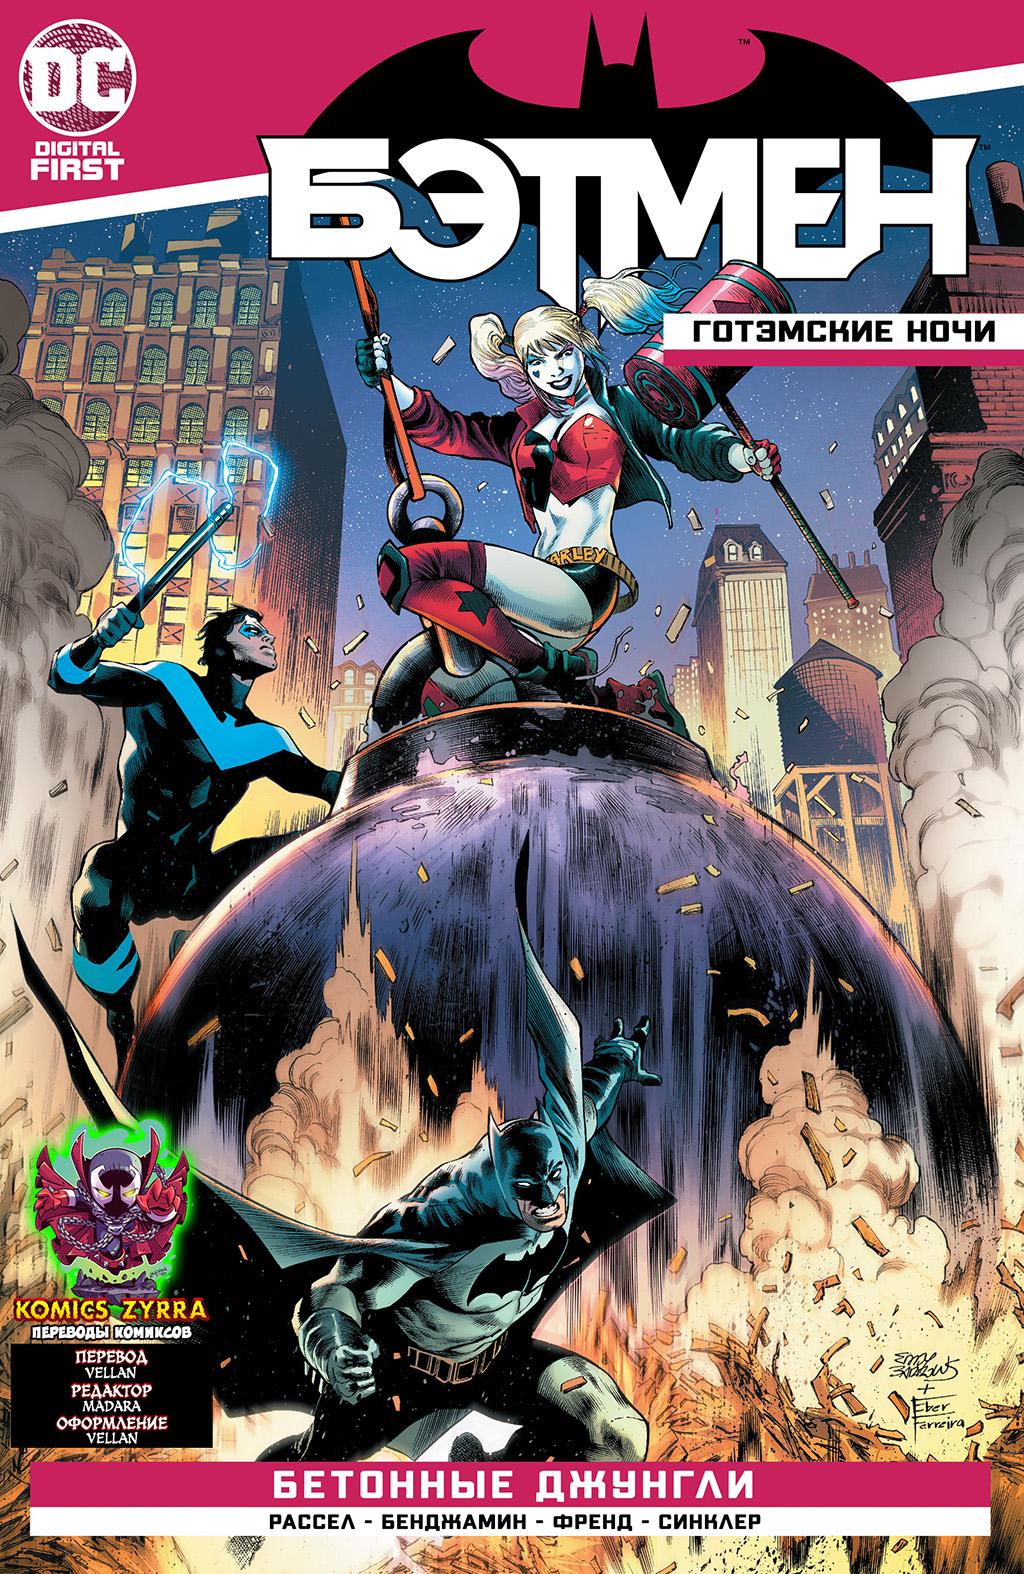 комикс Бэтмен - Готэмские ночи